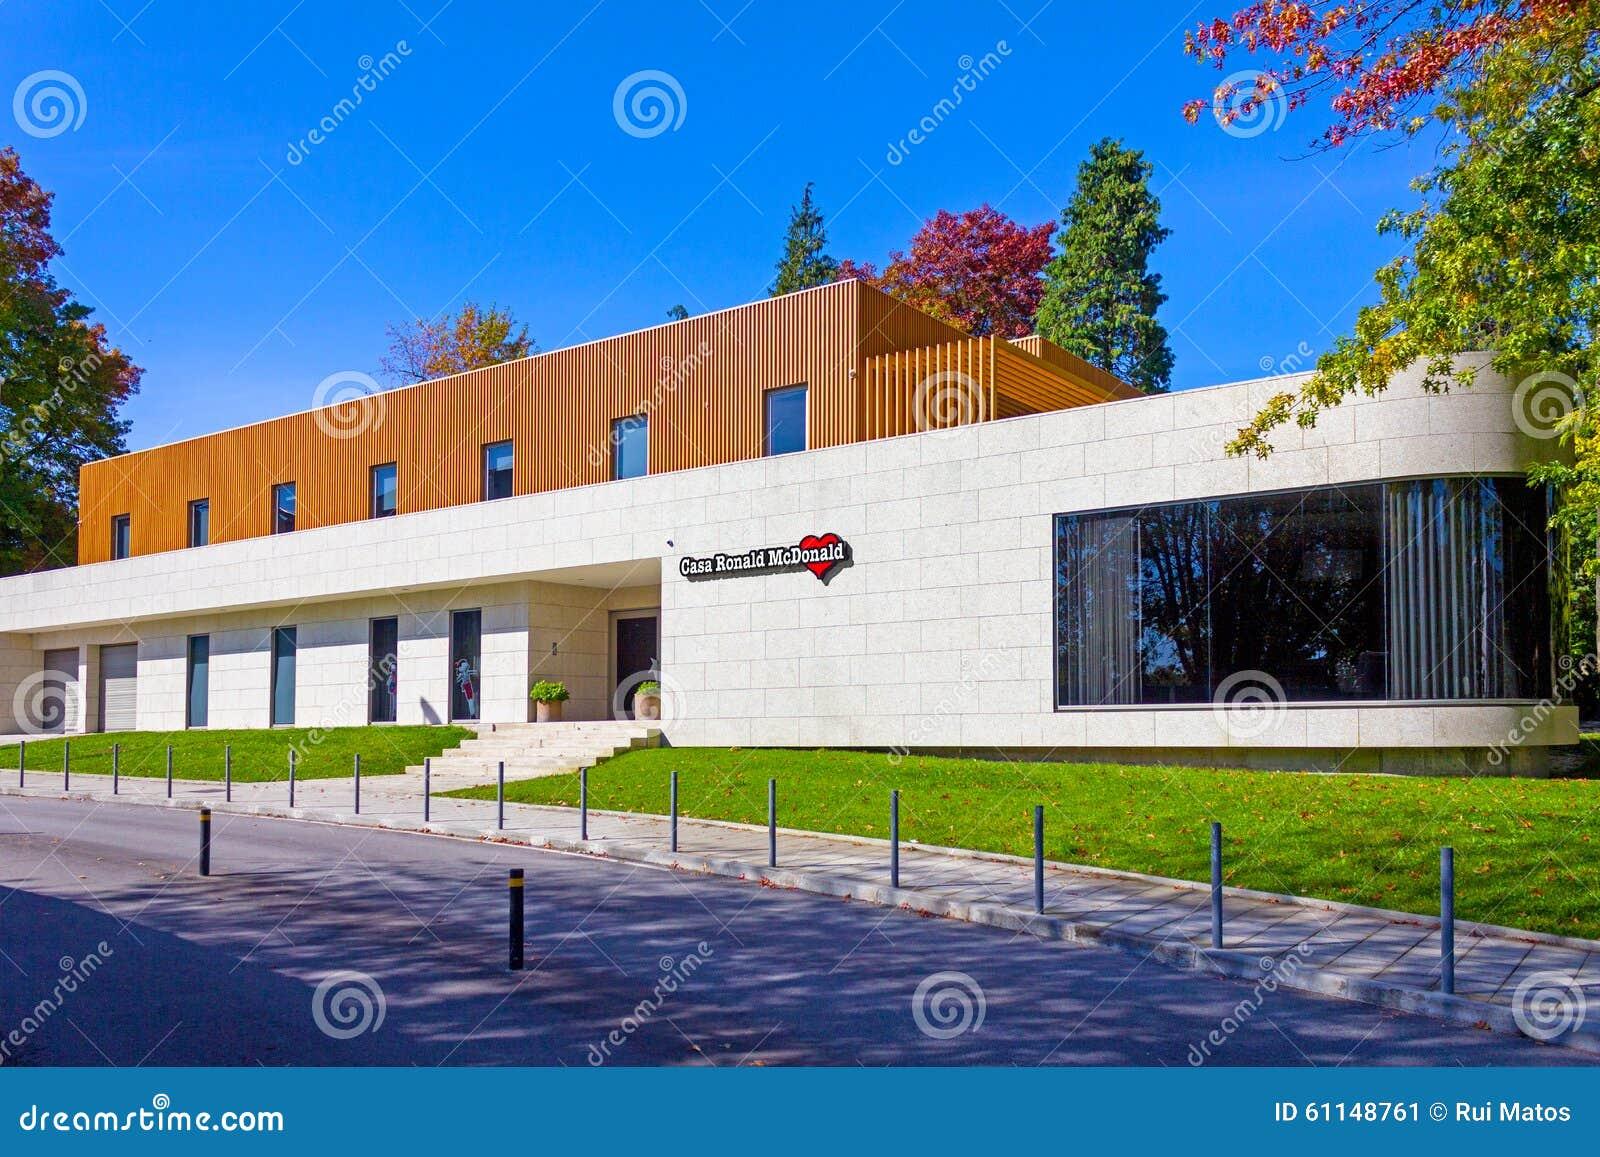 Casa de Ronald mcdonald